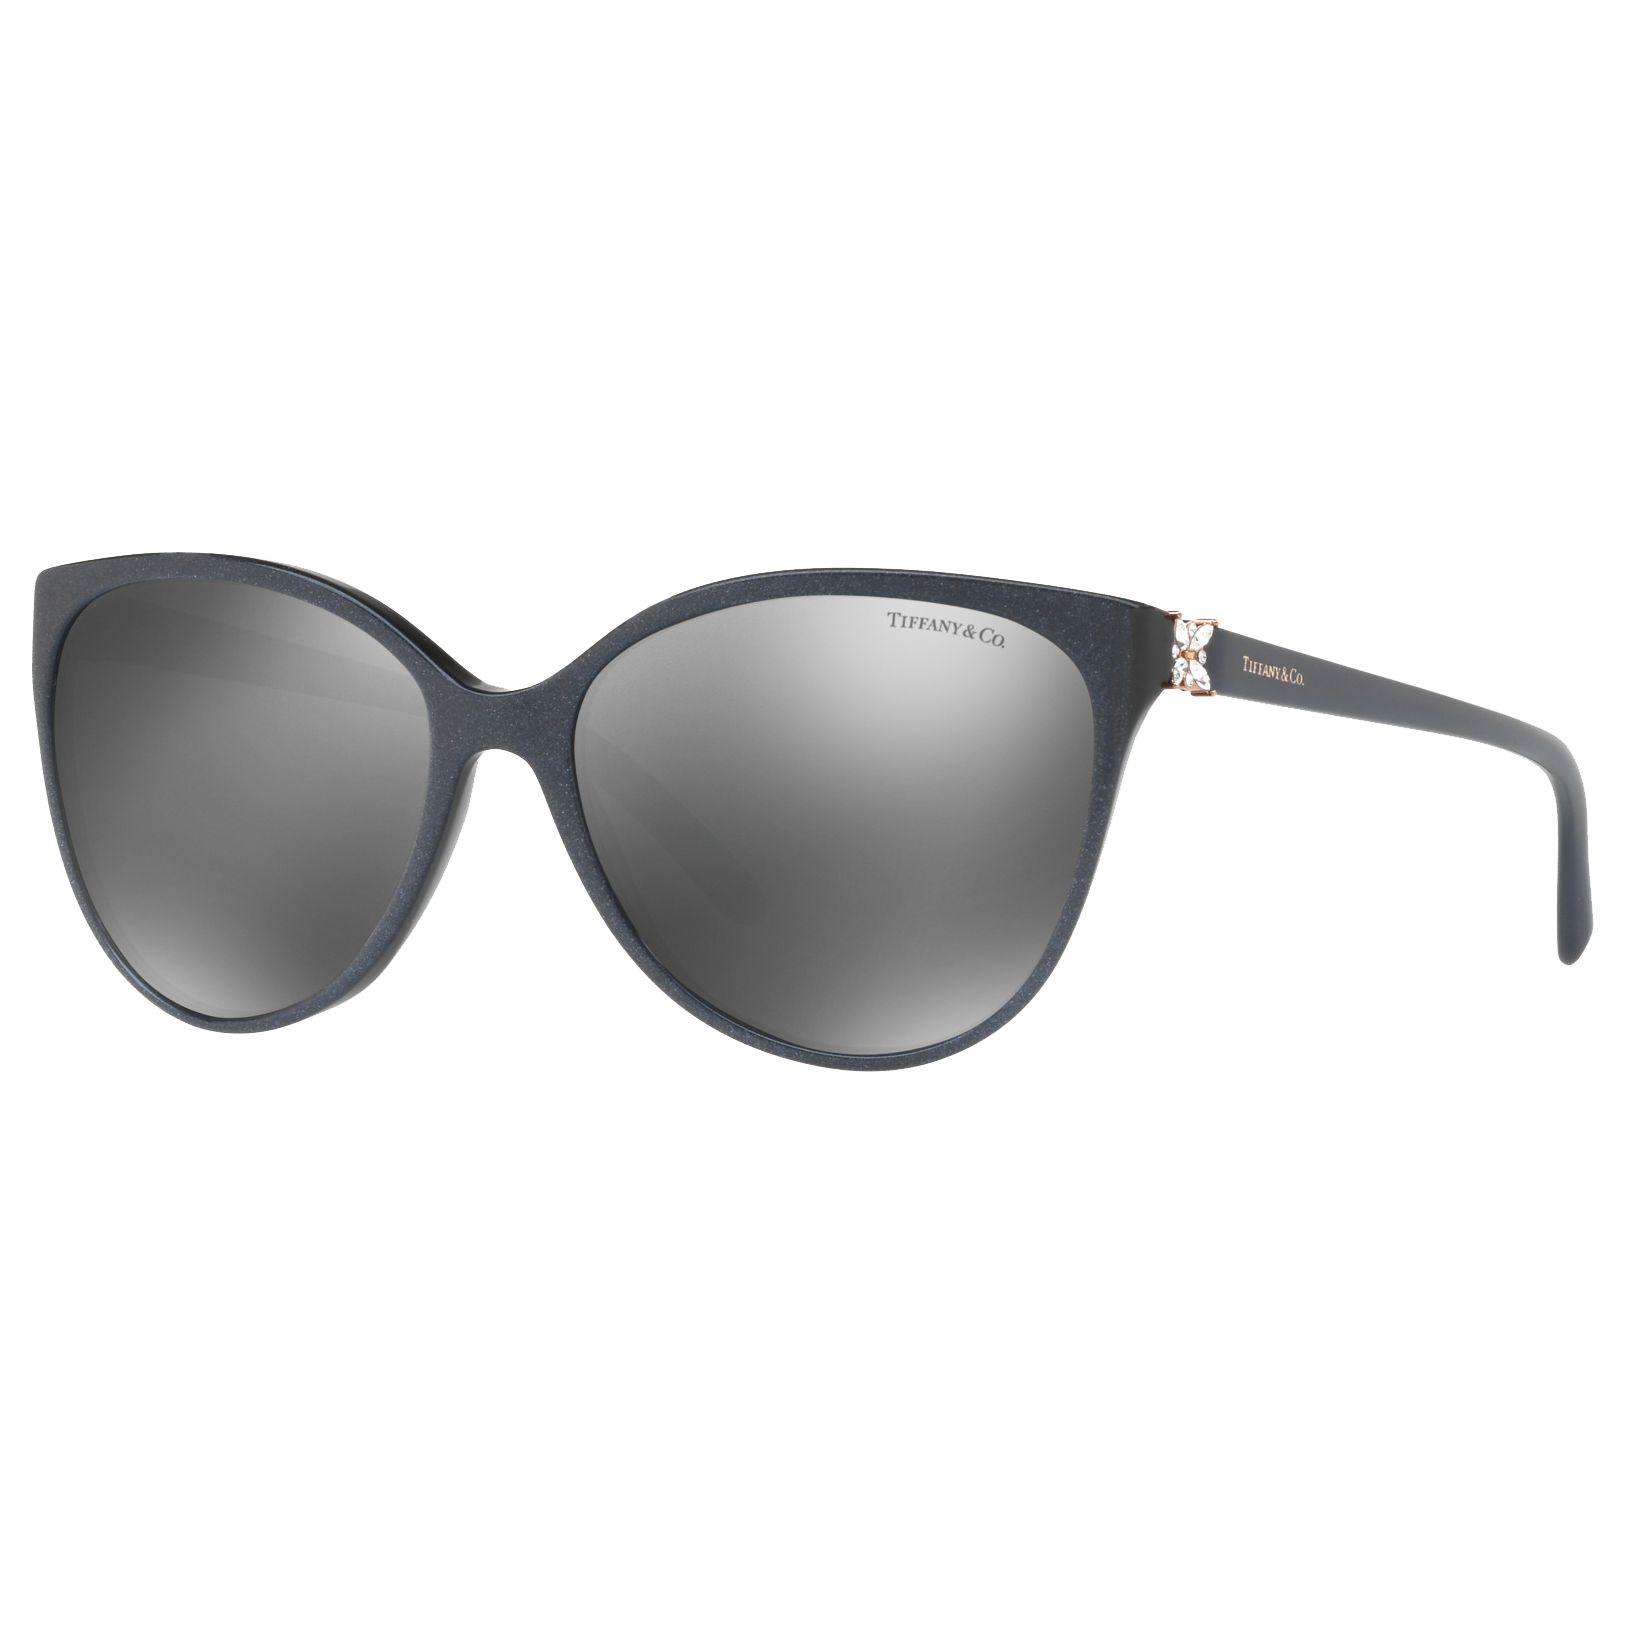 Tiffany & Co Tiffany & Co TF4089B Cat's Eye Sunglasses